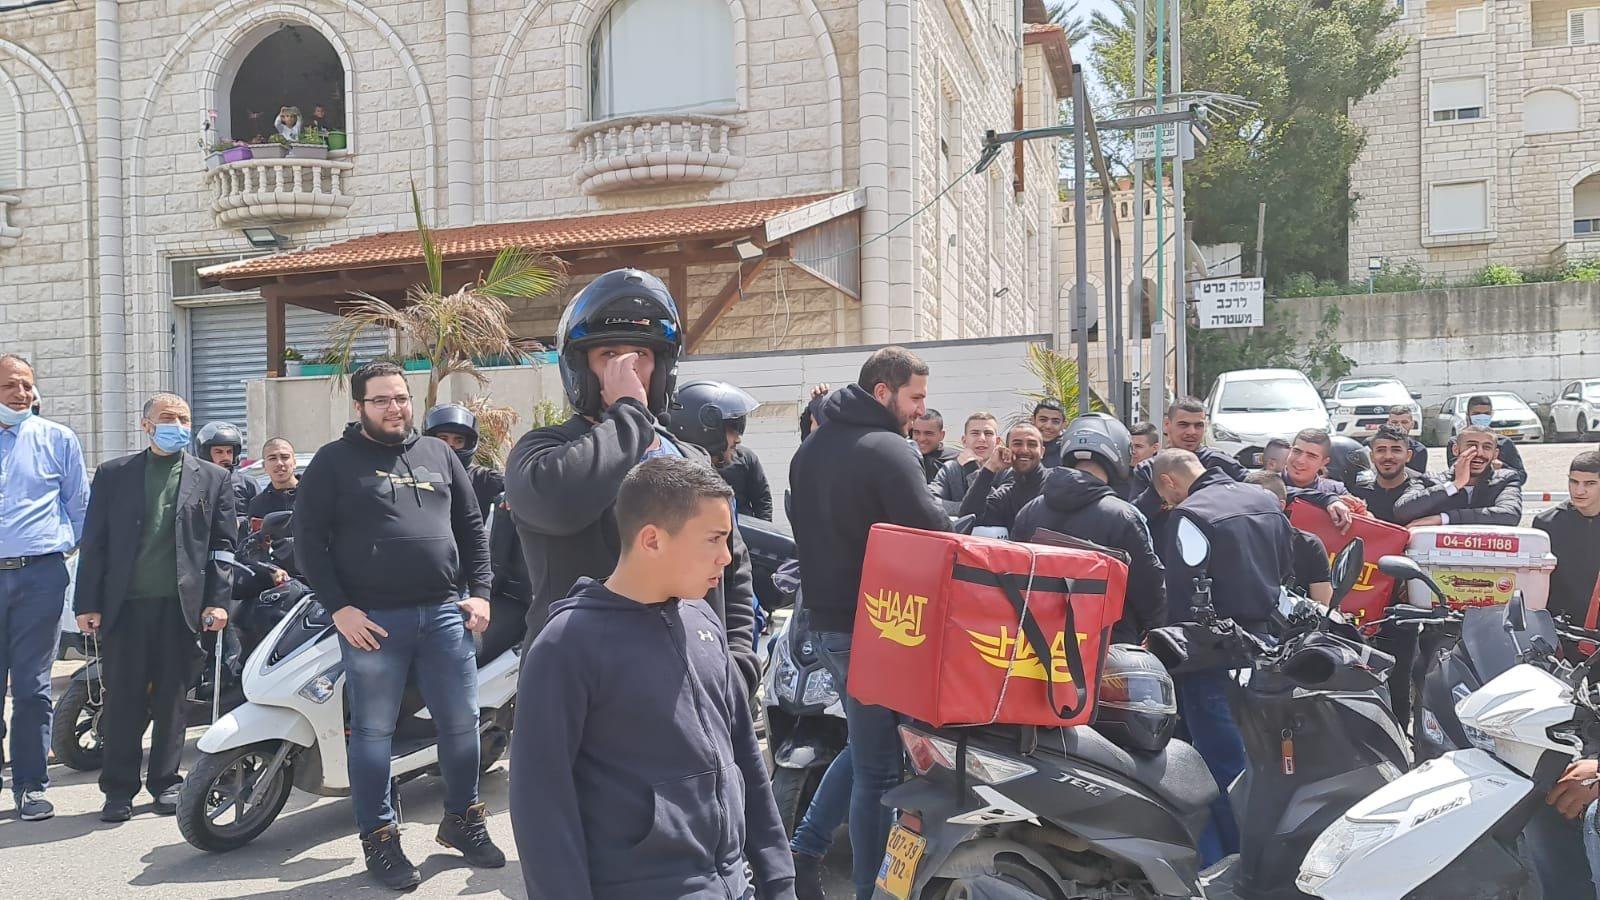 أم الفحم: عاملو الارساليات يتظاهرون أمام محطة الشرطة بسبب التضييقات